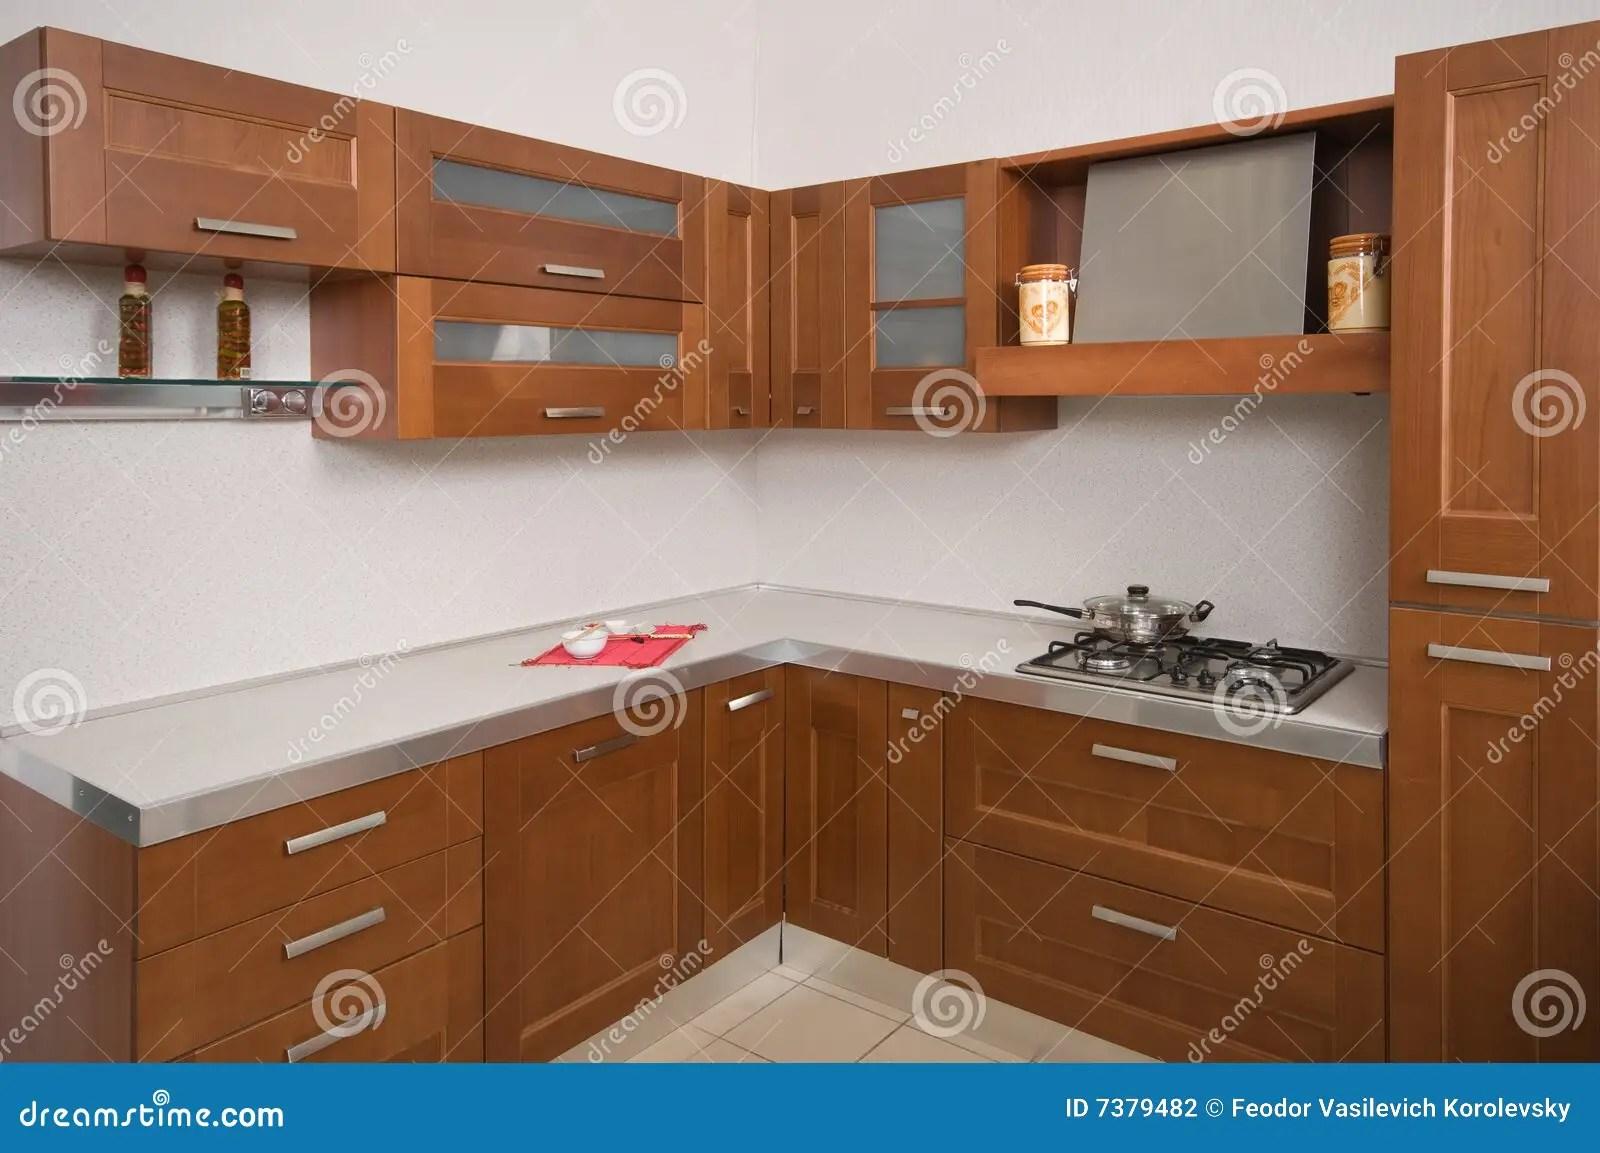 Muebles De Cocina Merkamueble | Cuyoplacas Muebles Obtenga Ideas ...